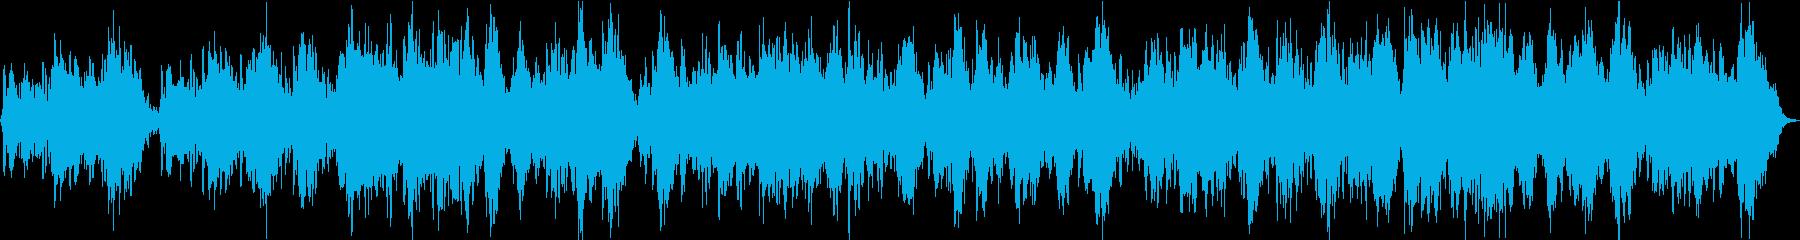 シンセ中心のよく眠れるアンビエントの再生済みの波形